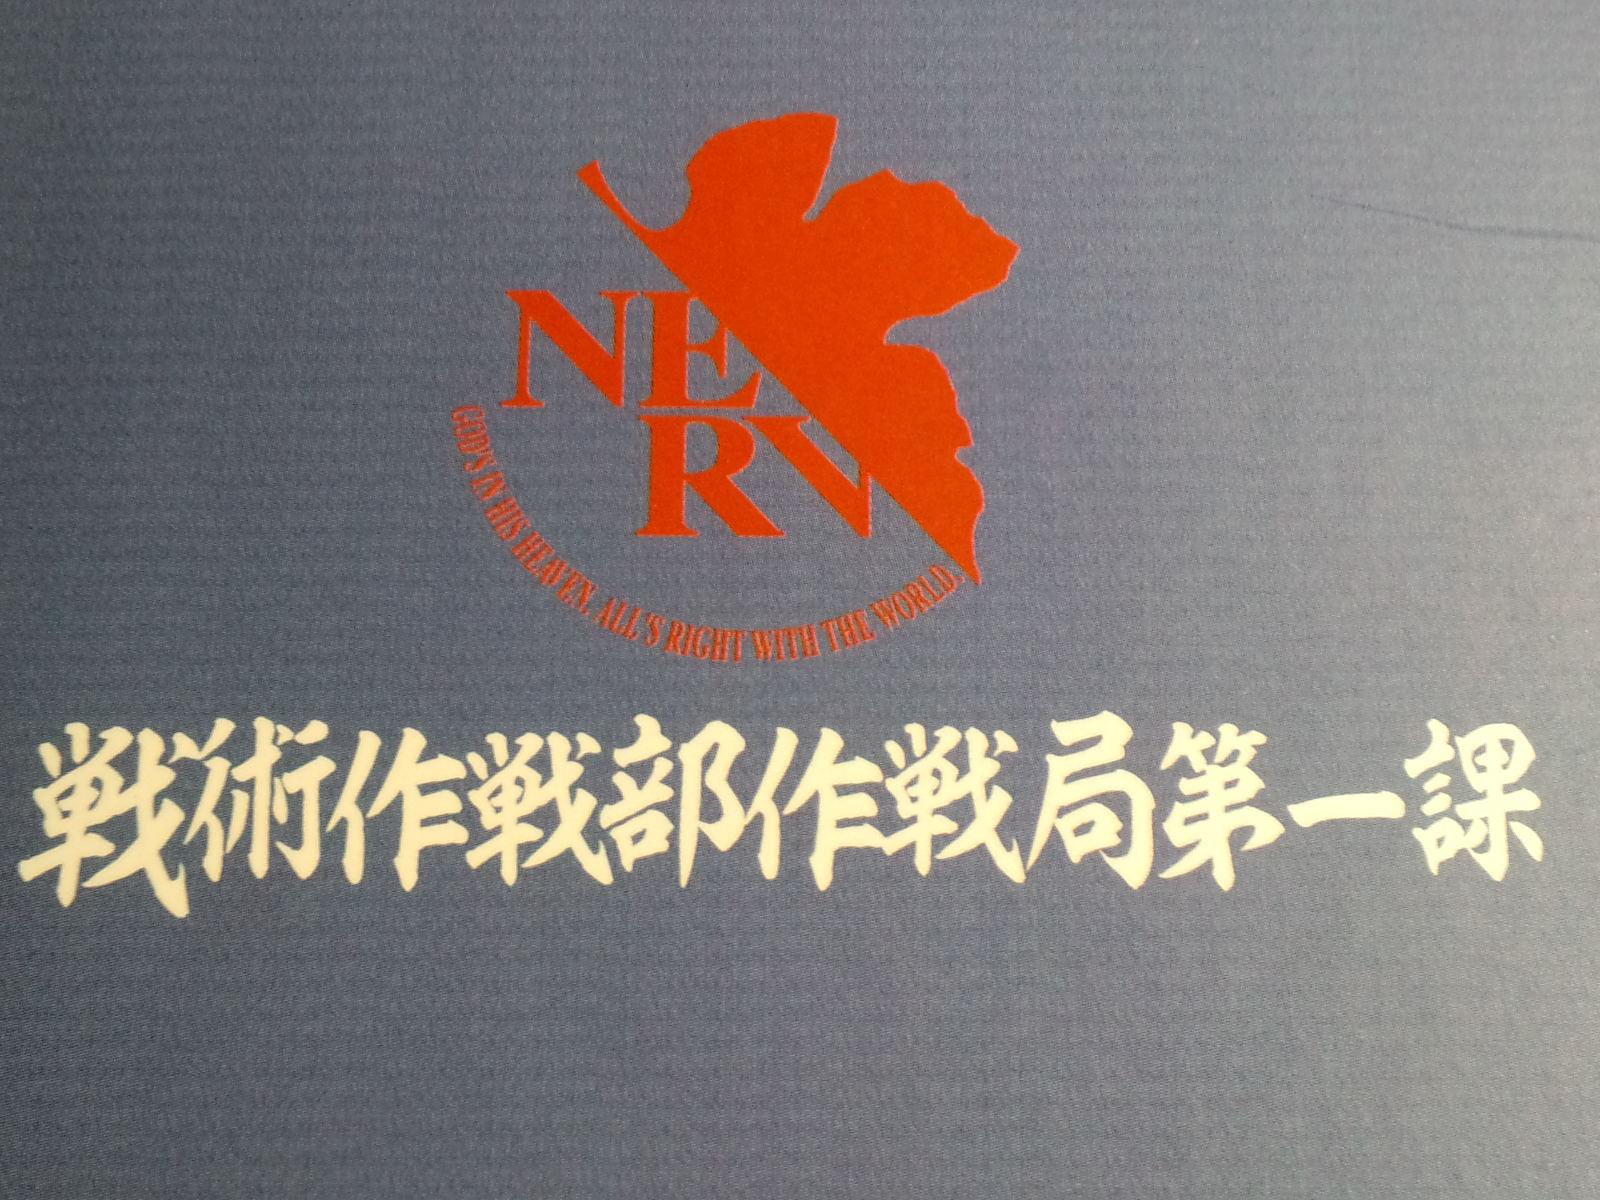 「ヤシマ作戦」…ヱヴァンゲリヲン公式ブログにて認可。